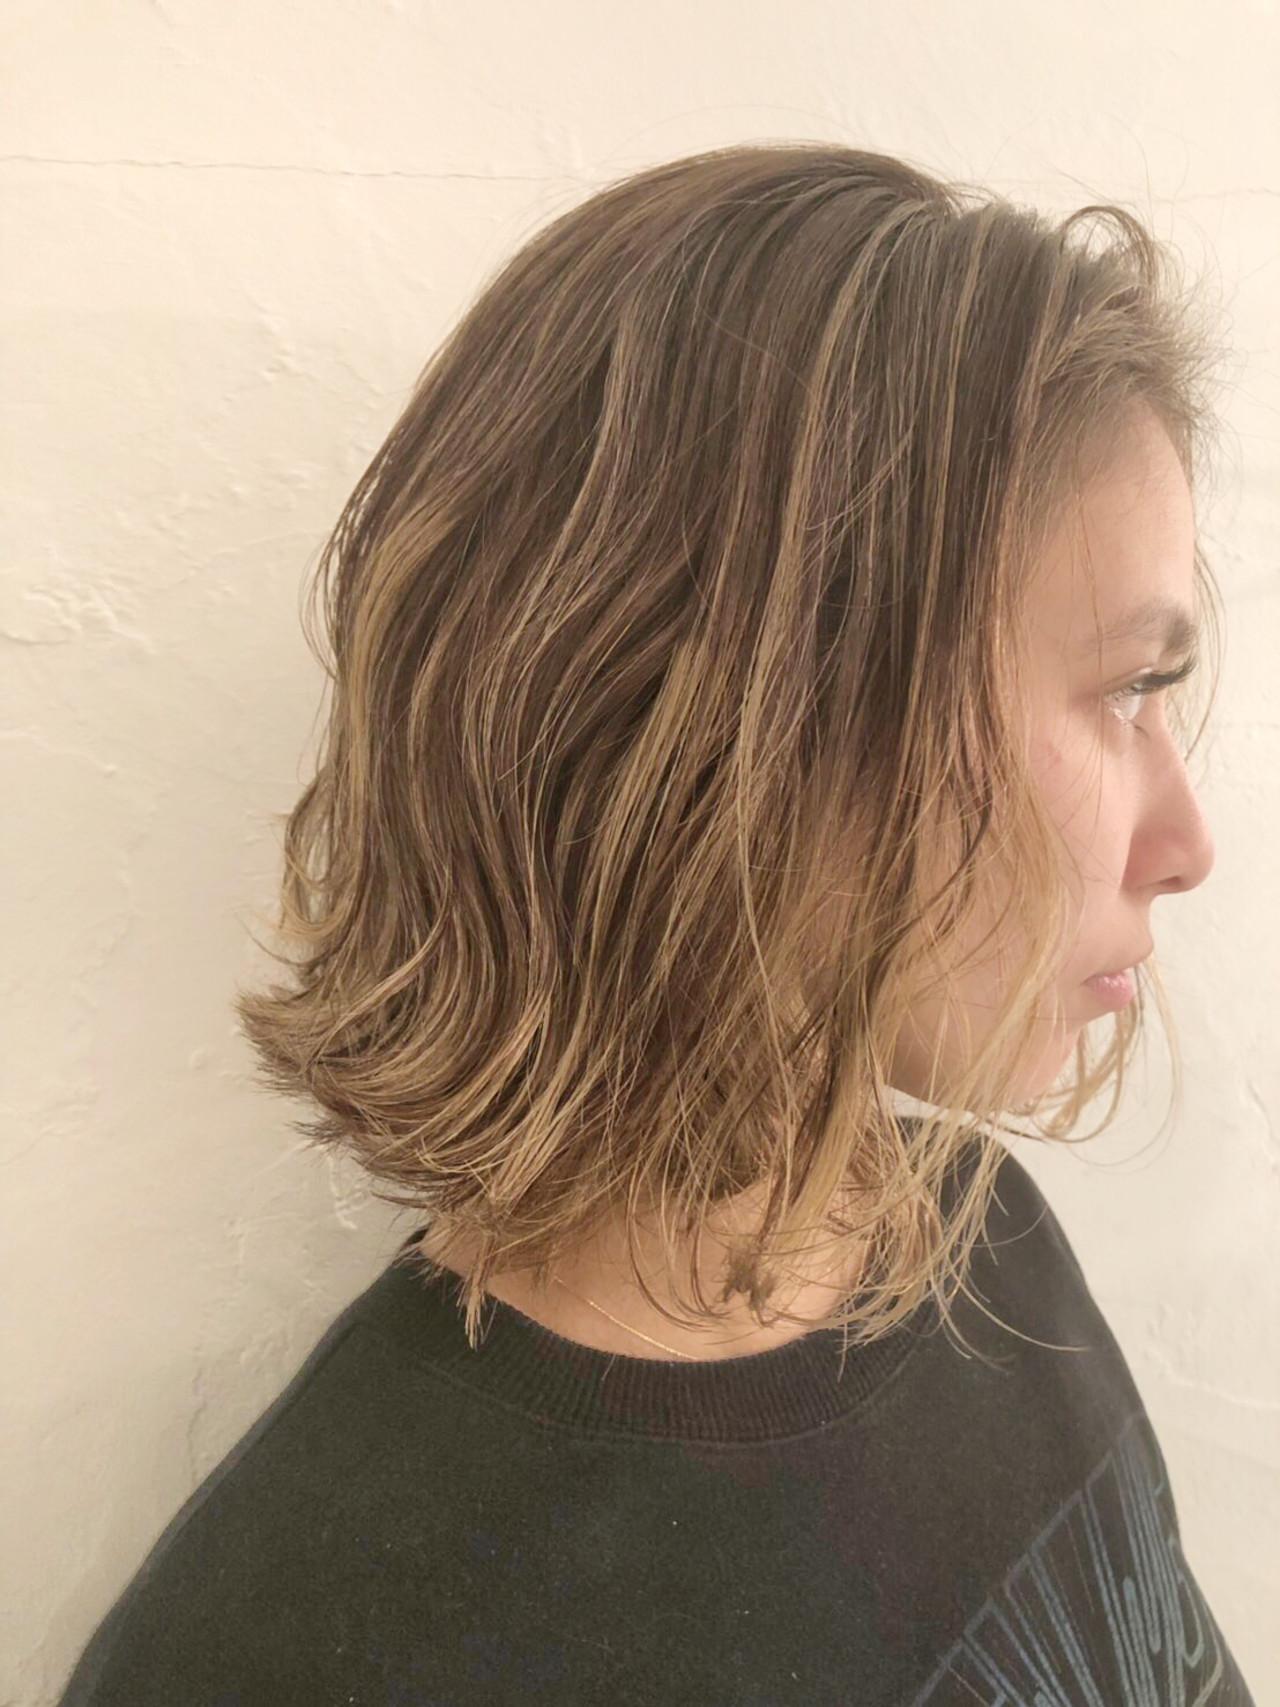 簡単ヘアアレンジ フェミニン アウトドア ミディアム ヘアスタイルや髪型の写真・画像 | ミディアムヘア美容師#コバヤシタクヤ / kakimotoarms